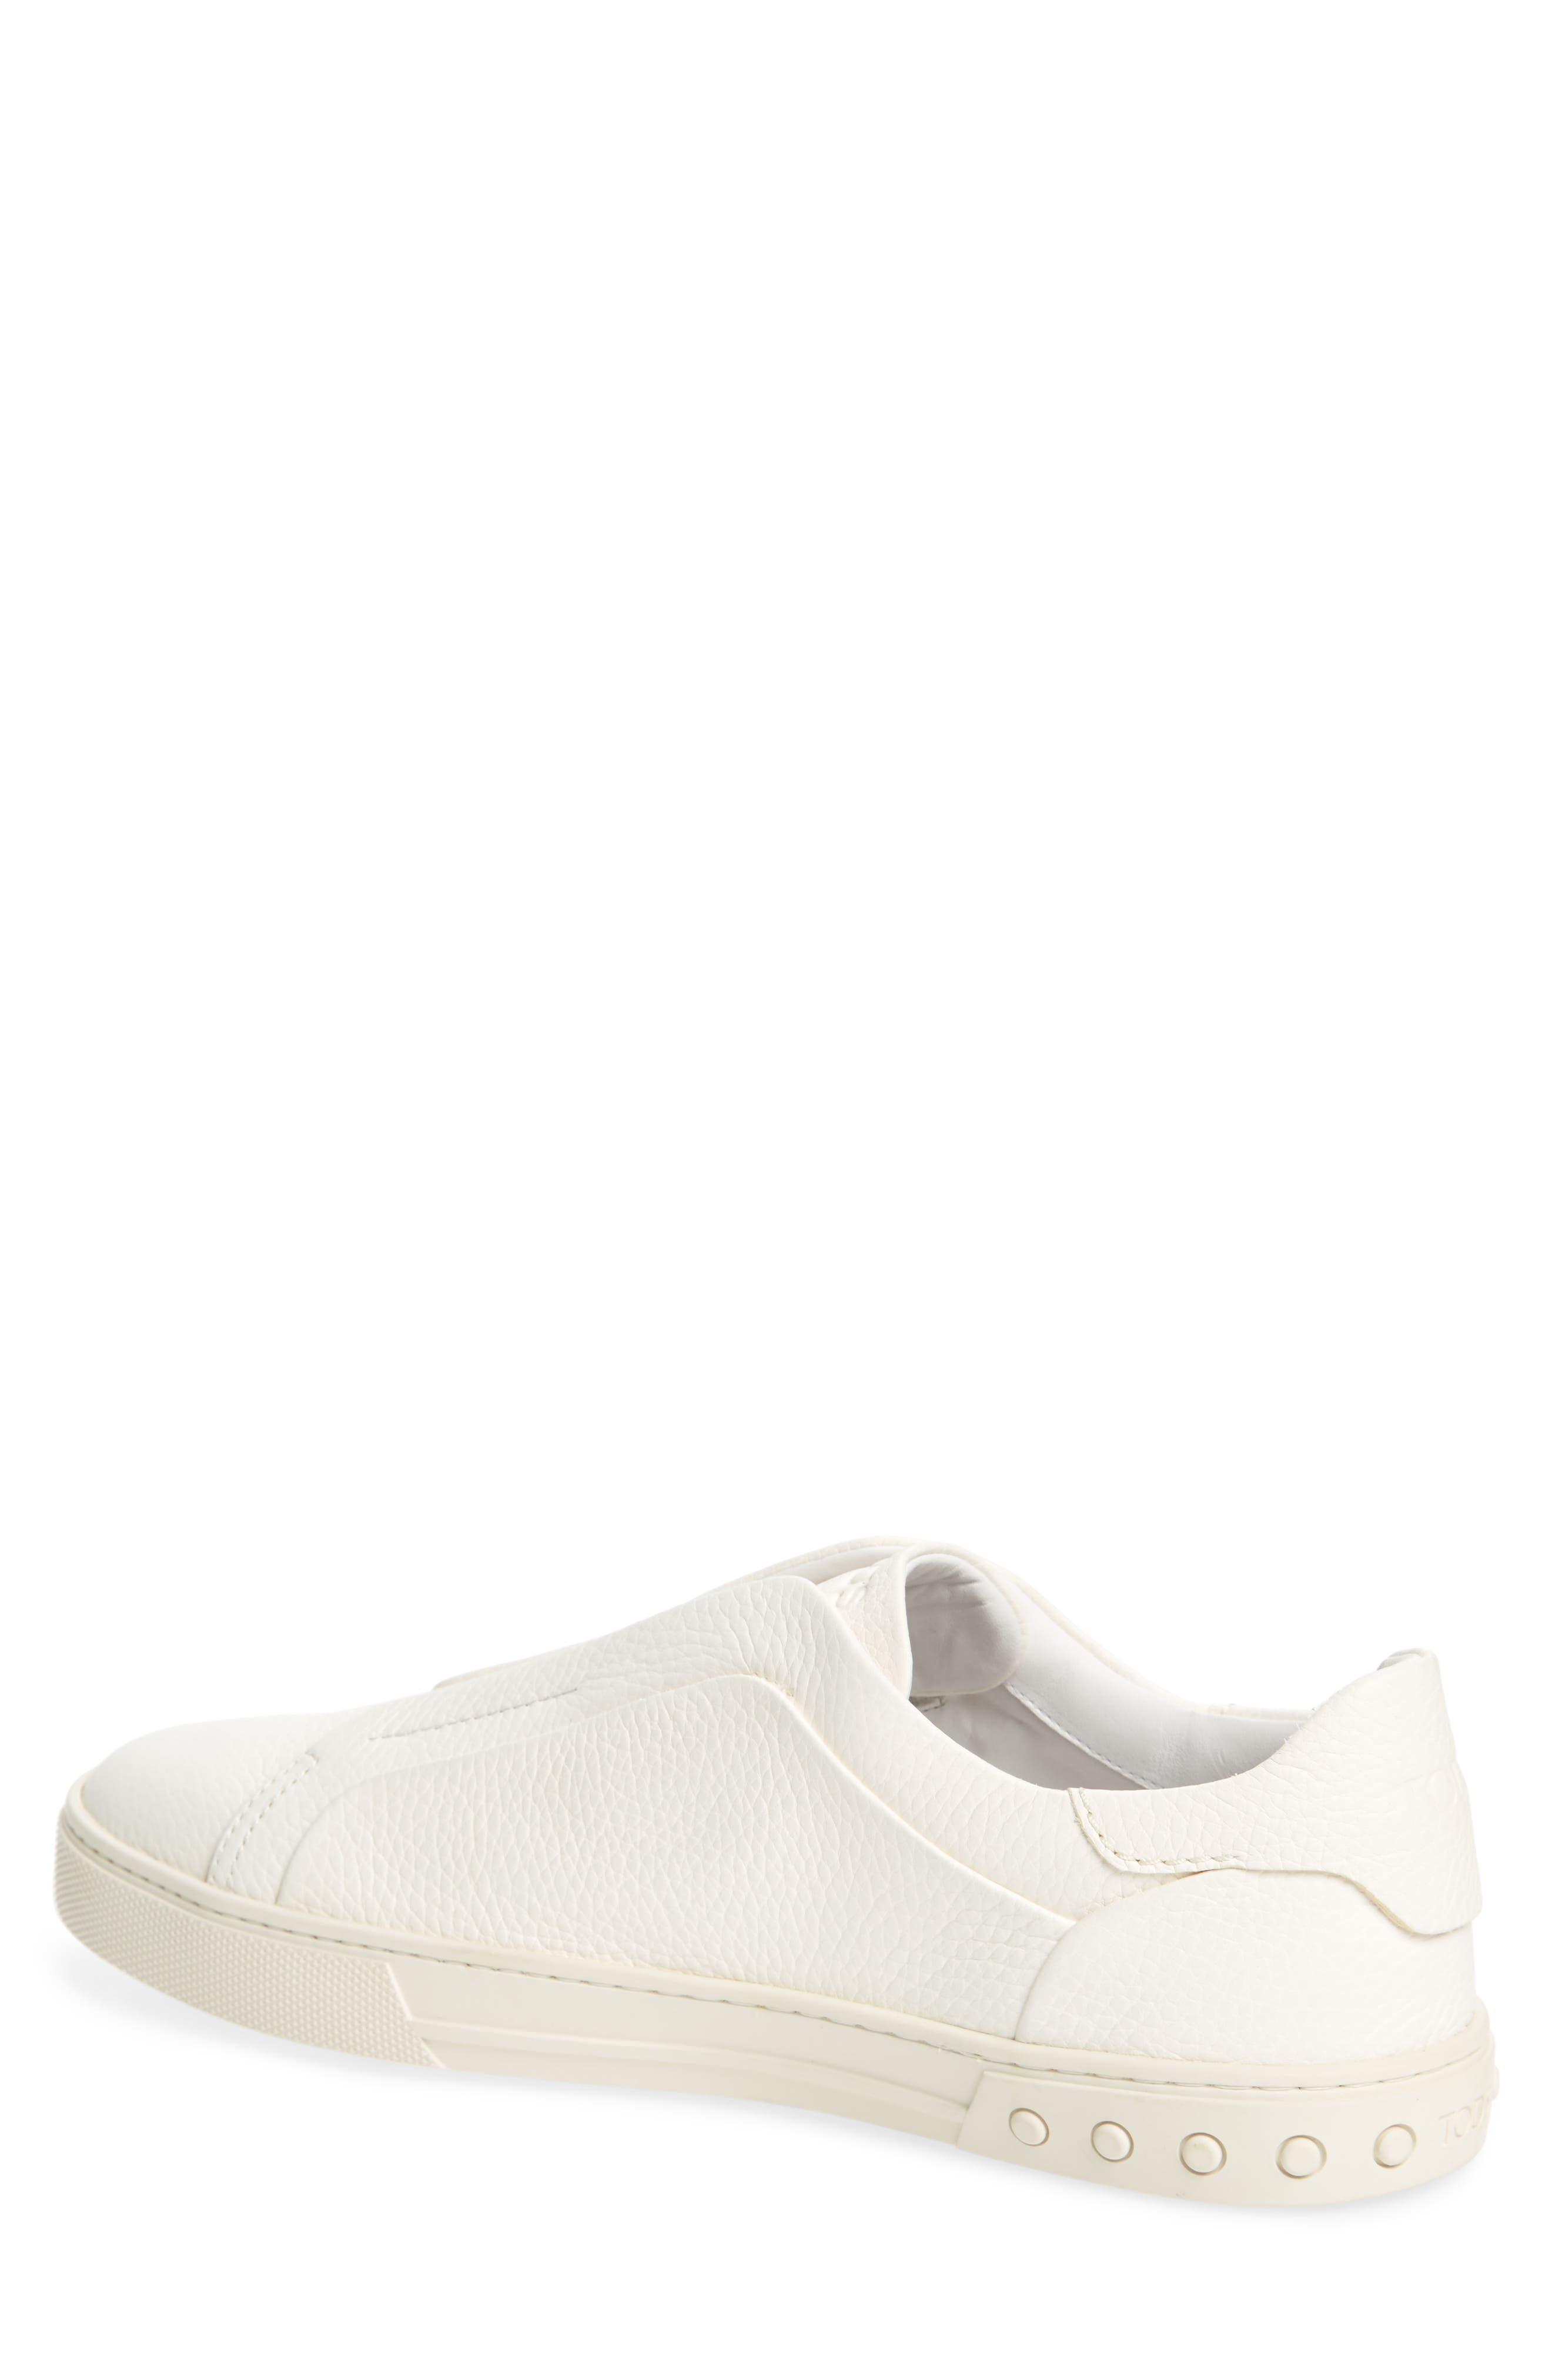 Cassetta Slip-on Sneaker,                             Alternate thumbnail 2, color,                             White